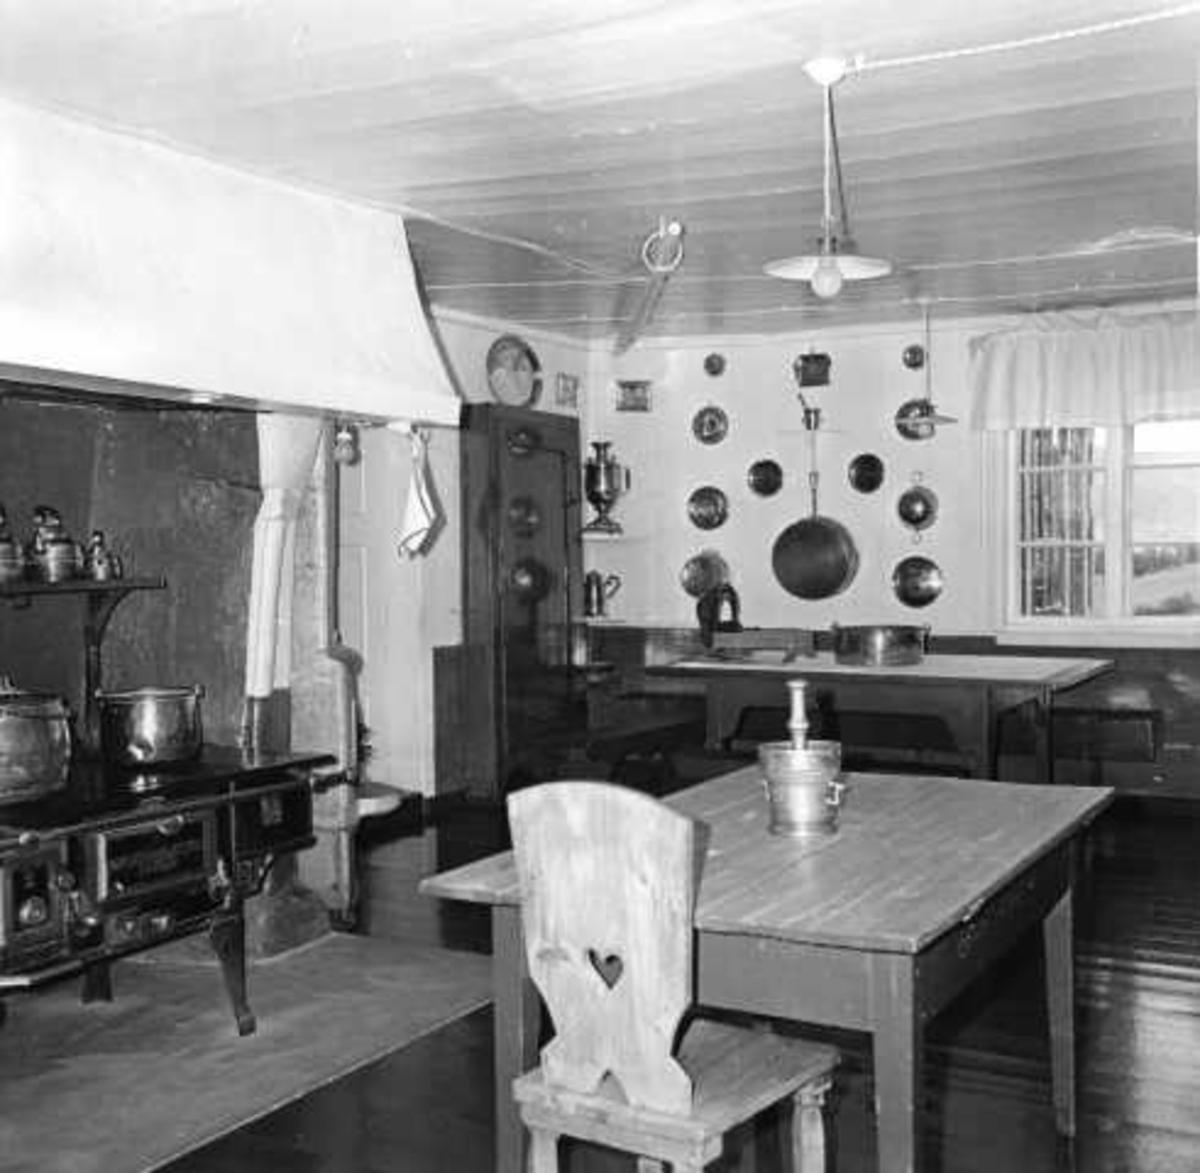 Aulestad, interiør, kjøkken, ovn, kjøkkenbord, mortel